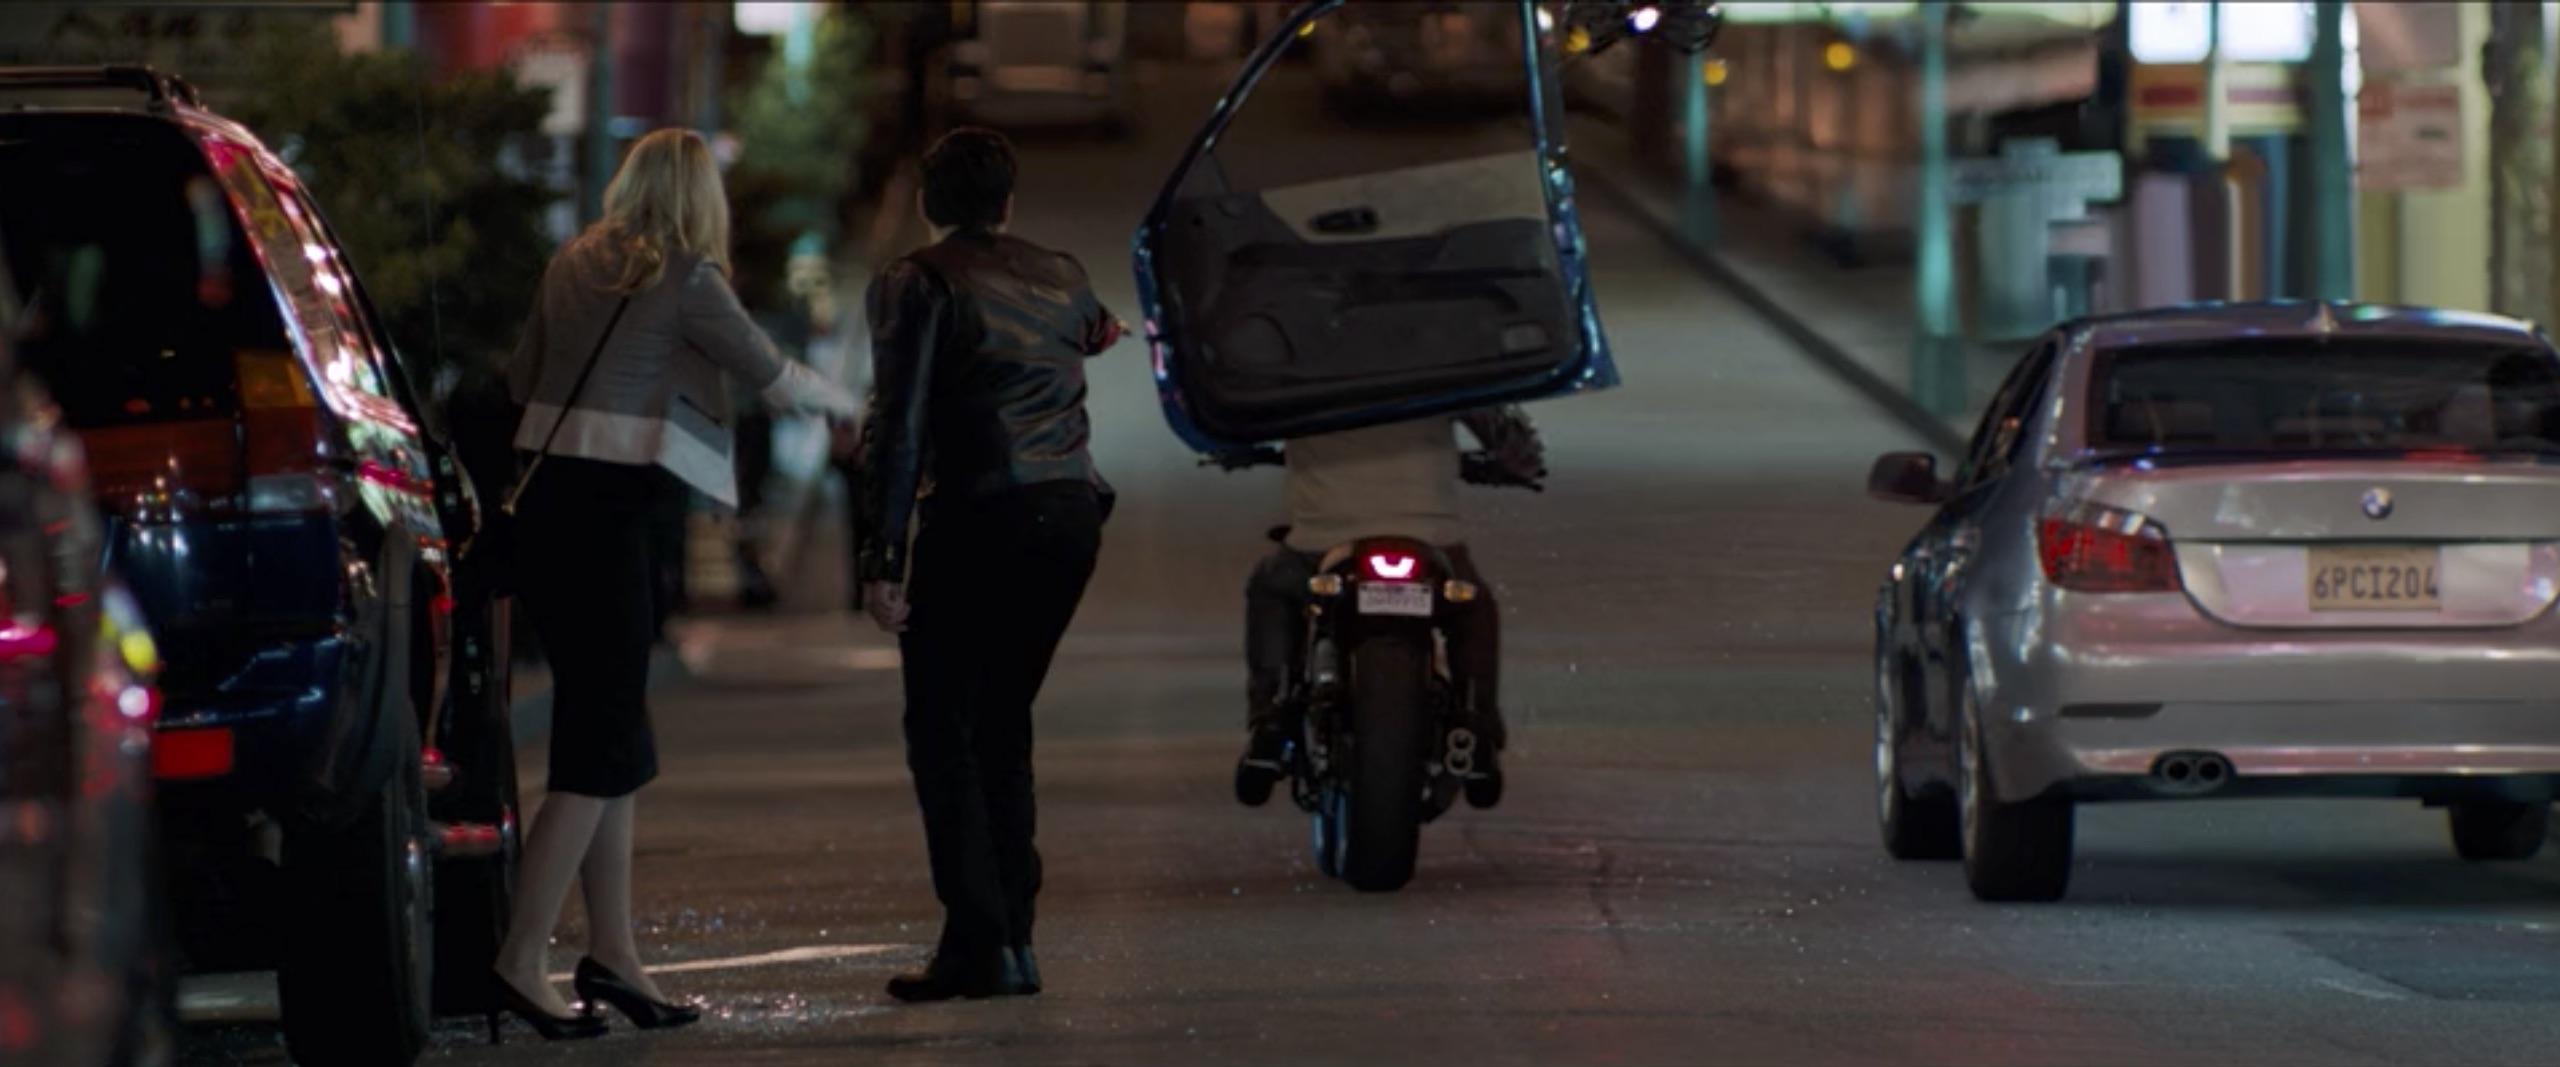 venom eddy brock motorcycle explosion